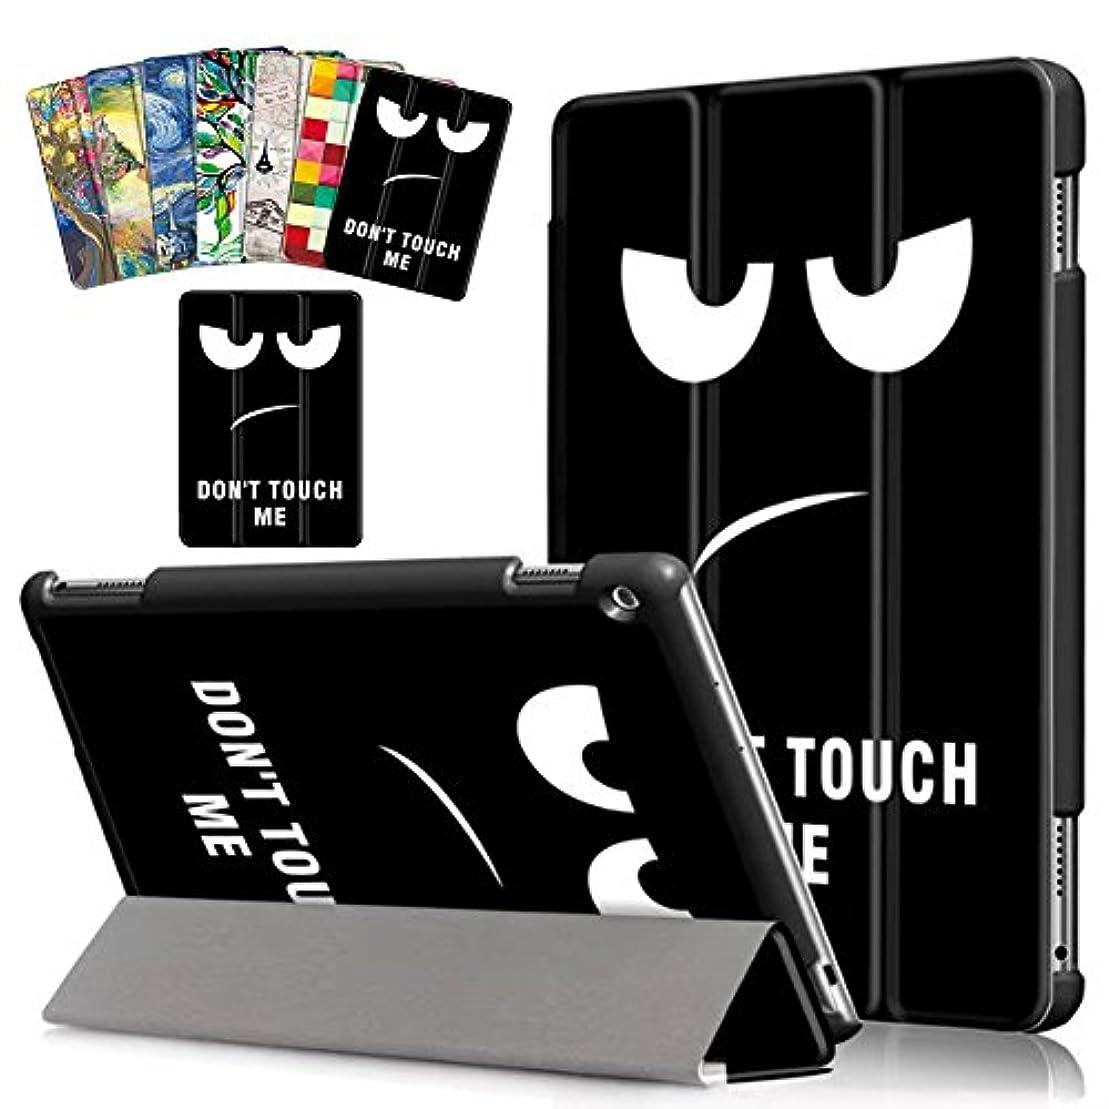 貼り直す餌助手Vicstar Huawei MediaPad M3 Lite 10 wp/NTTドコモ dtab d-01K ケース カバー 高級感PUレザー 超軽量 薄型 傷つけ防止 耐衝撃 三つ折 スタンド機能 Huawei 10.1インチ MediaPad M3 Lite 10 wp ケース